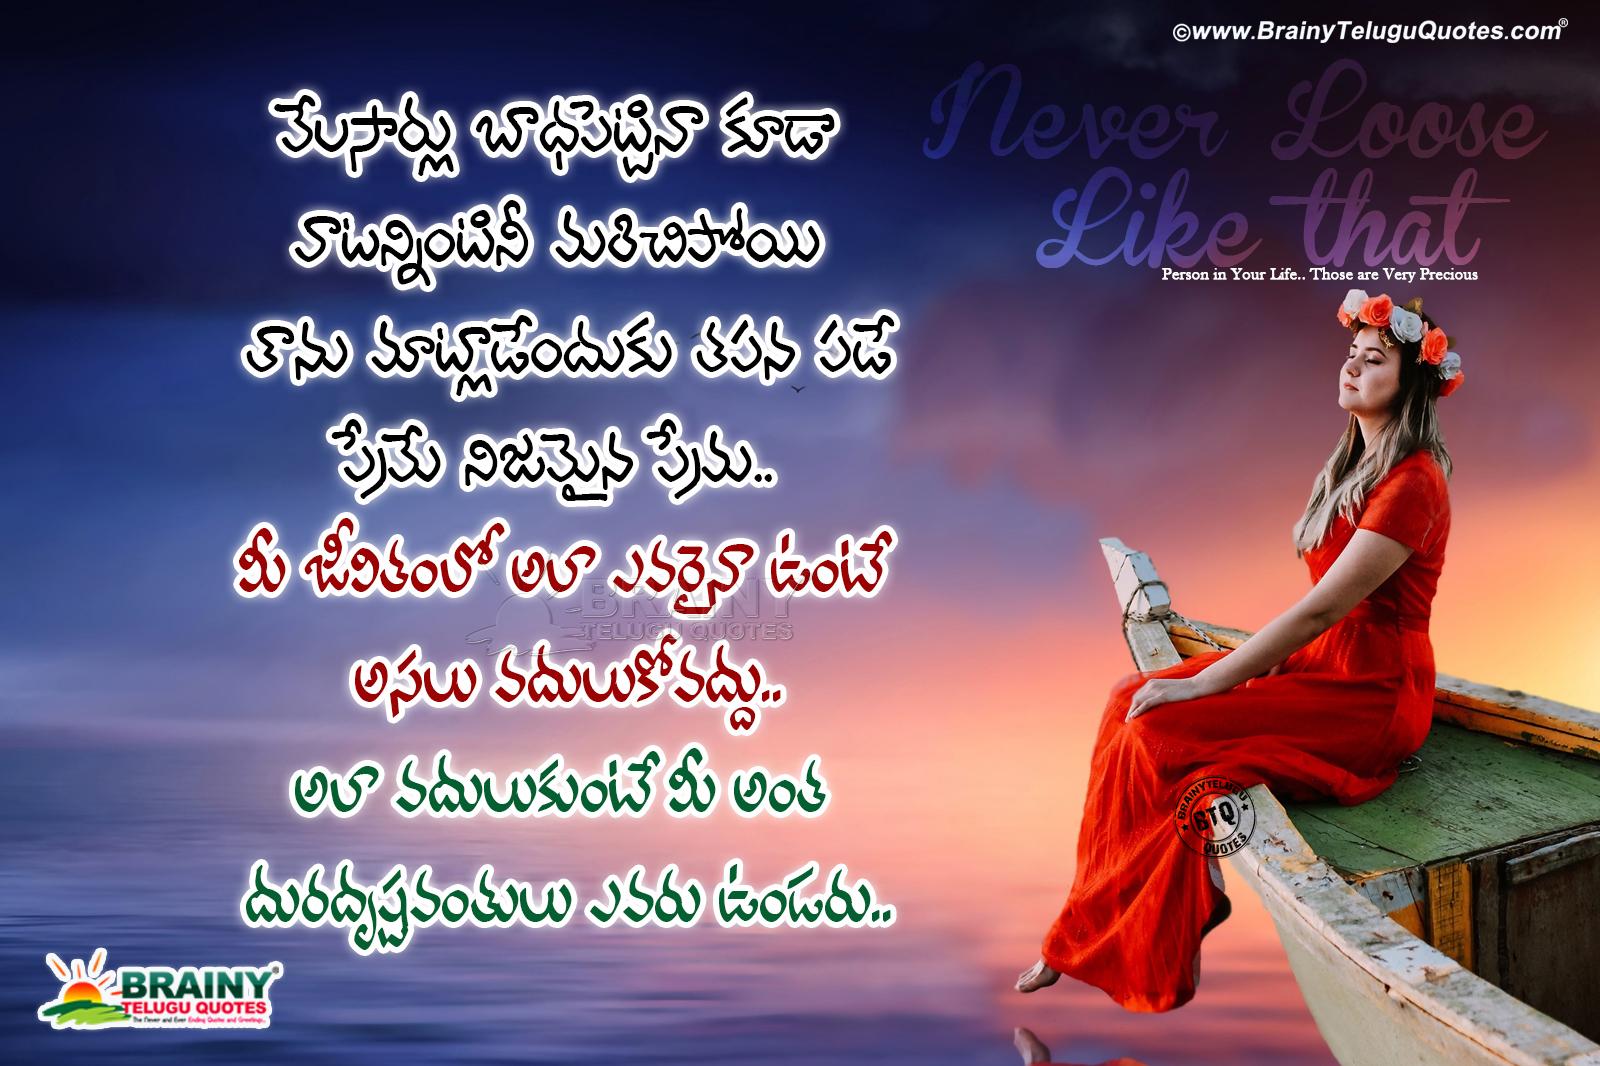 Famous Heart Touching Telugu Relationship Inspirational Quotes Brainyteluguquotes Comtelugu Quotes English Quotes Hindi Quotes Tamil Quotes Greetings